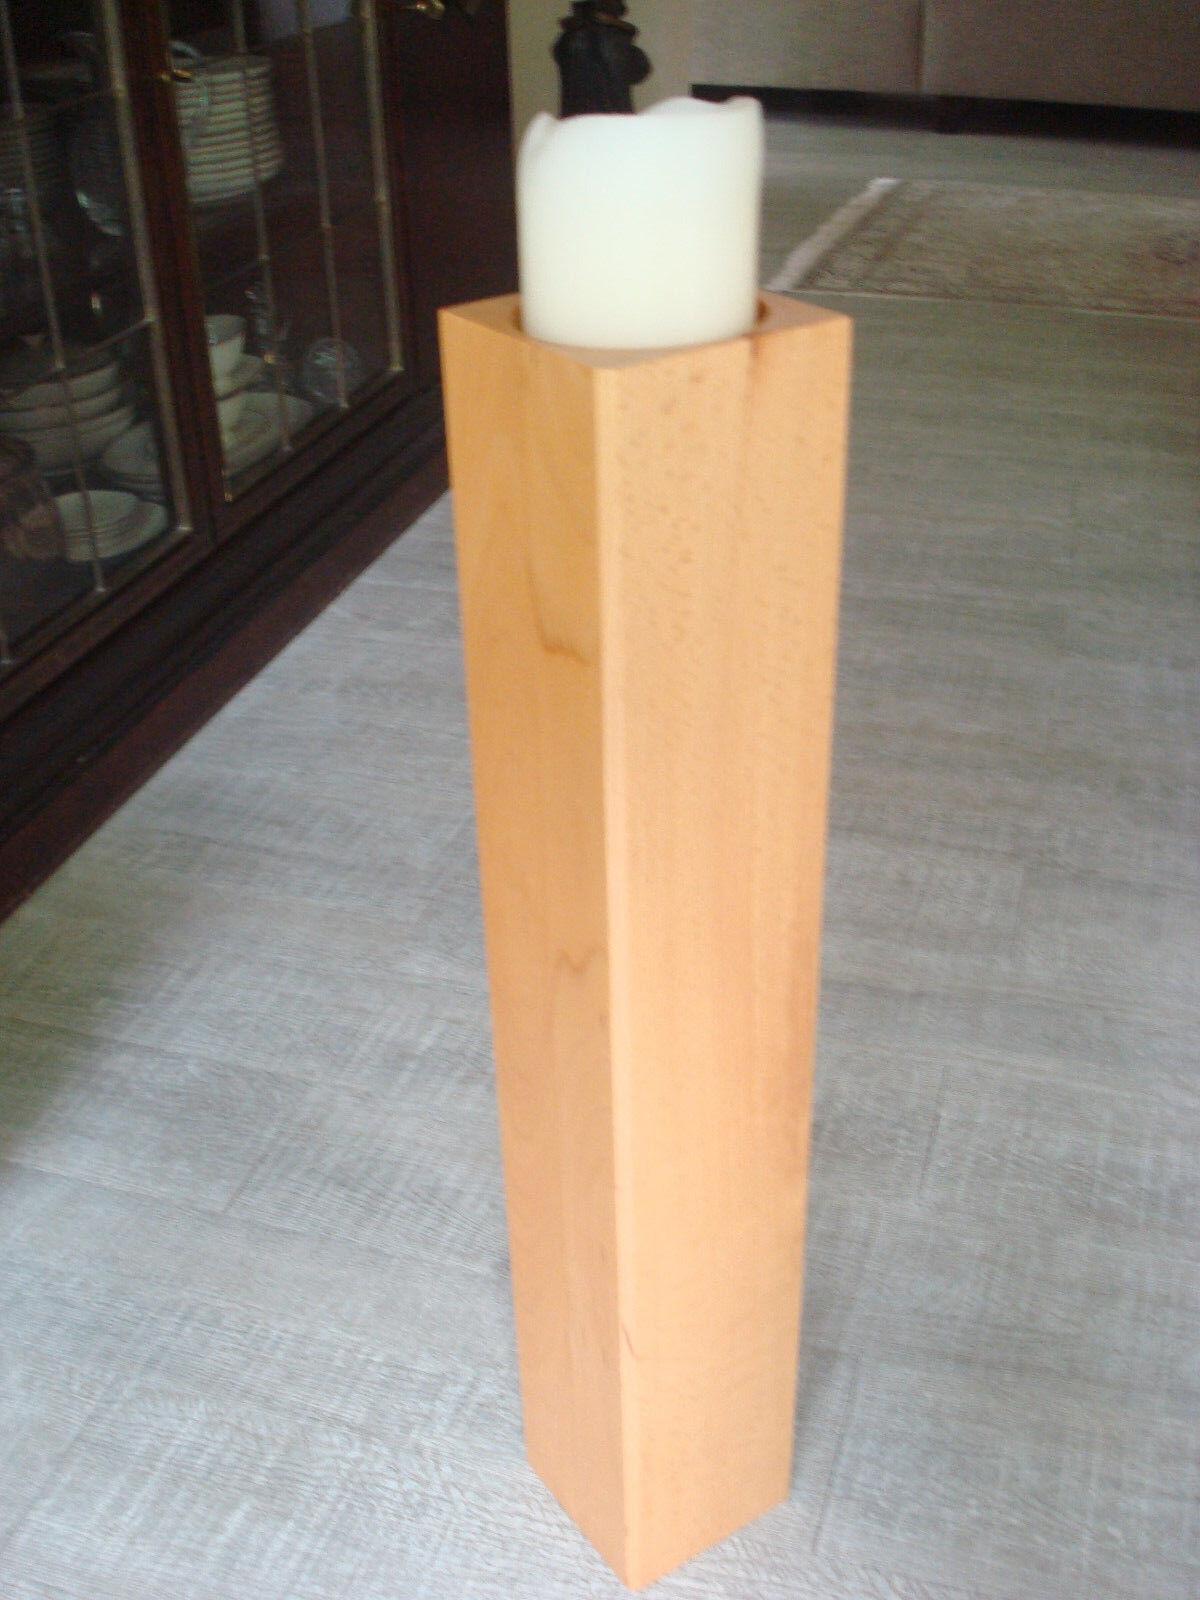 Kerzenständer Massiv Holz Buche Höhe 70 cm, Muster, für Kerzen Durchmesser 10 cm